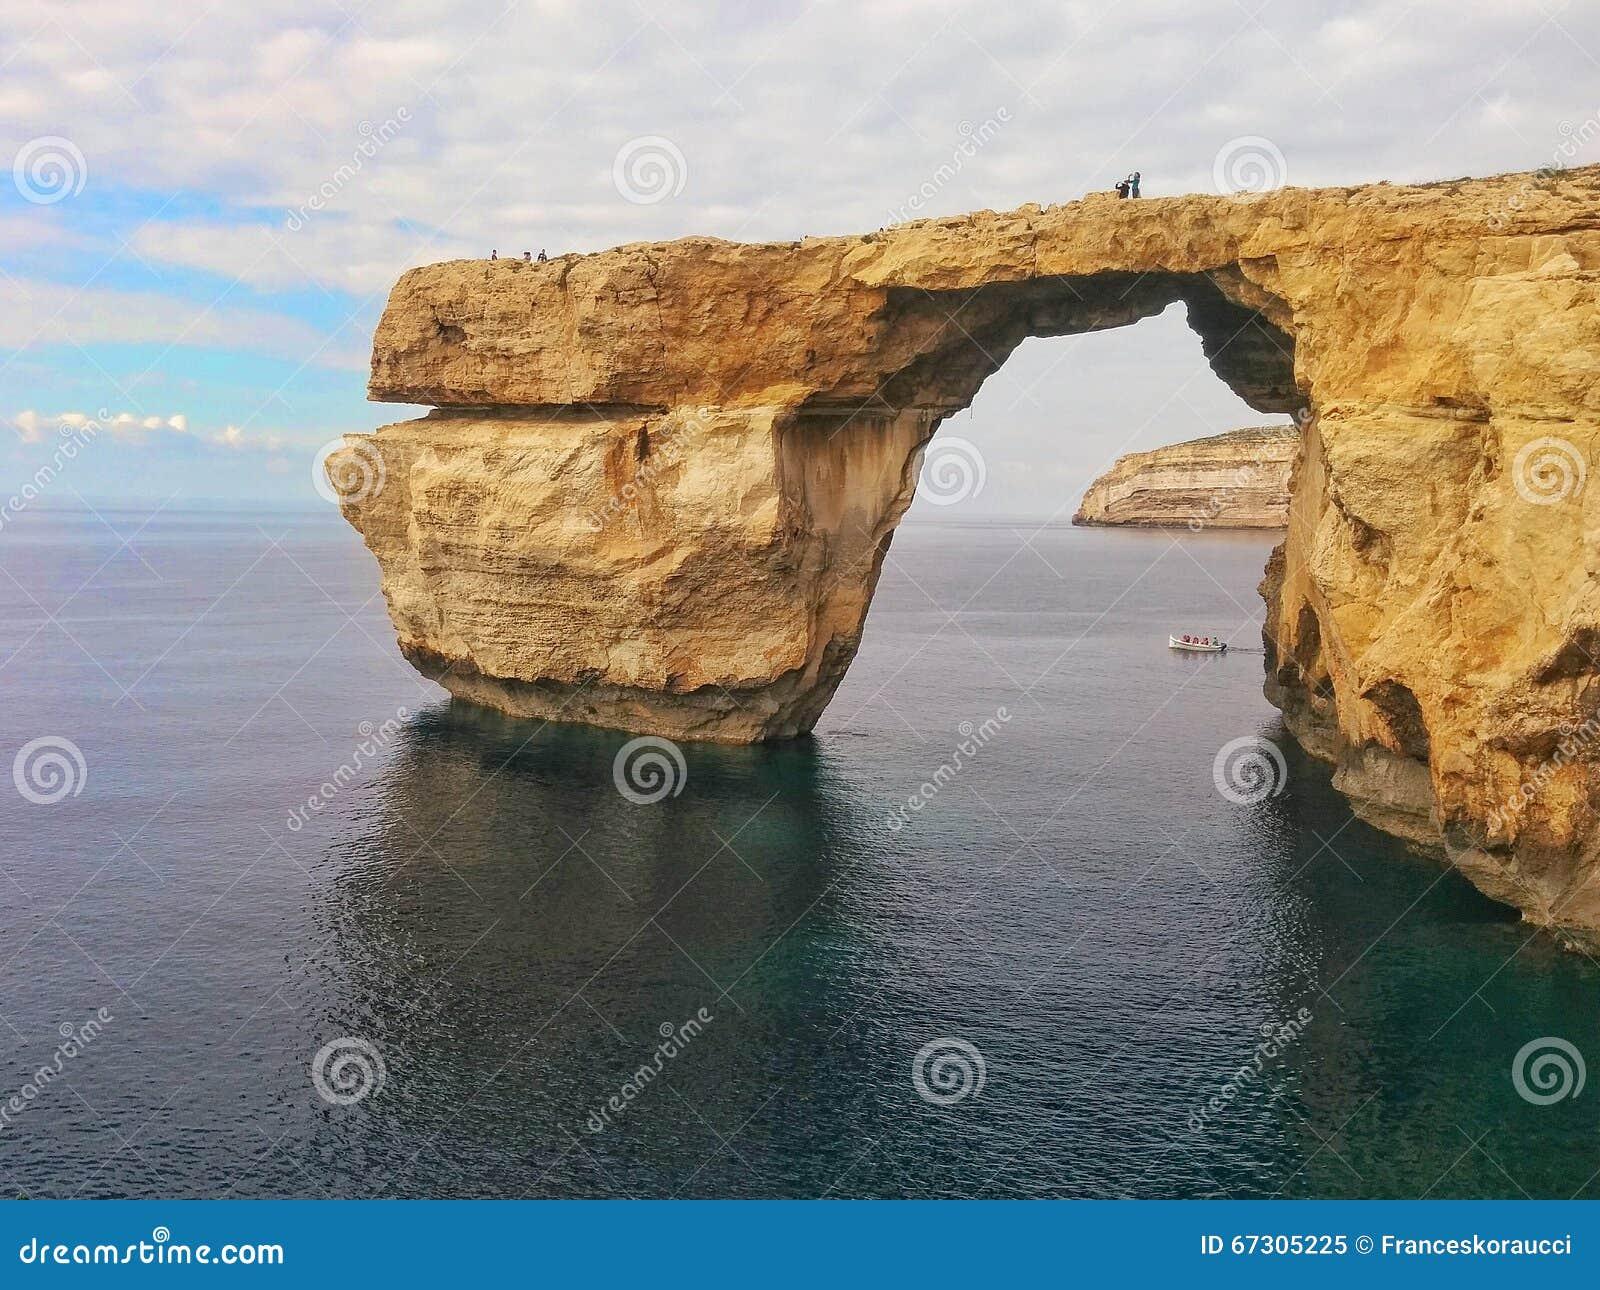 Ein Offenes Fenster Auf Dem Meer Stockbild - Bild: 67305225